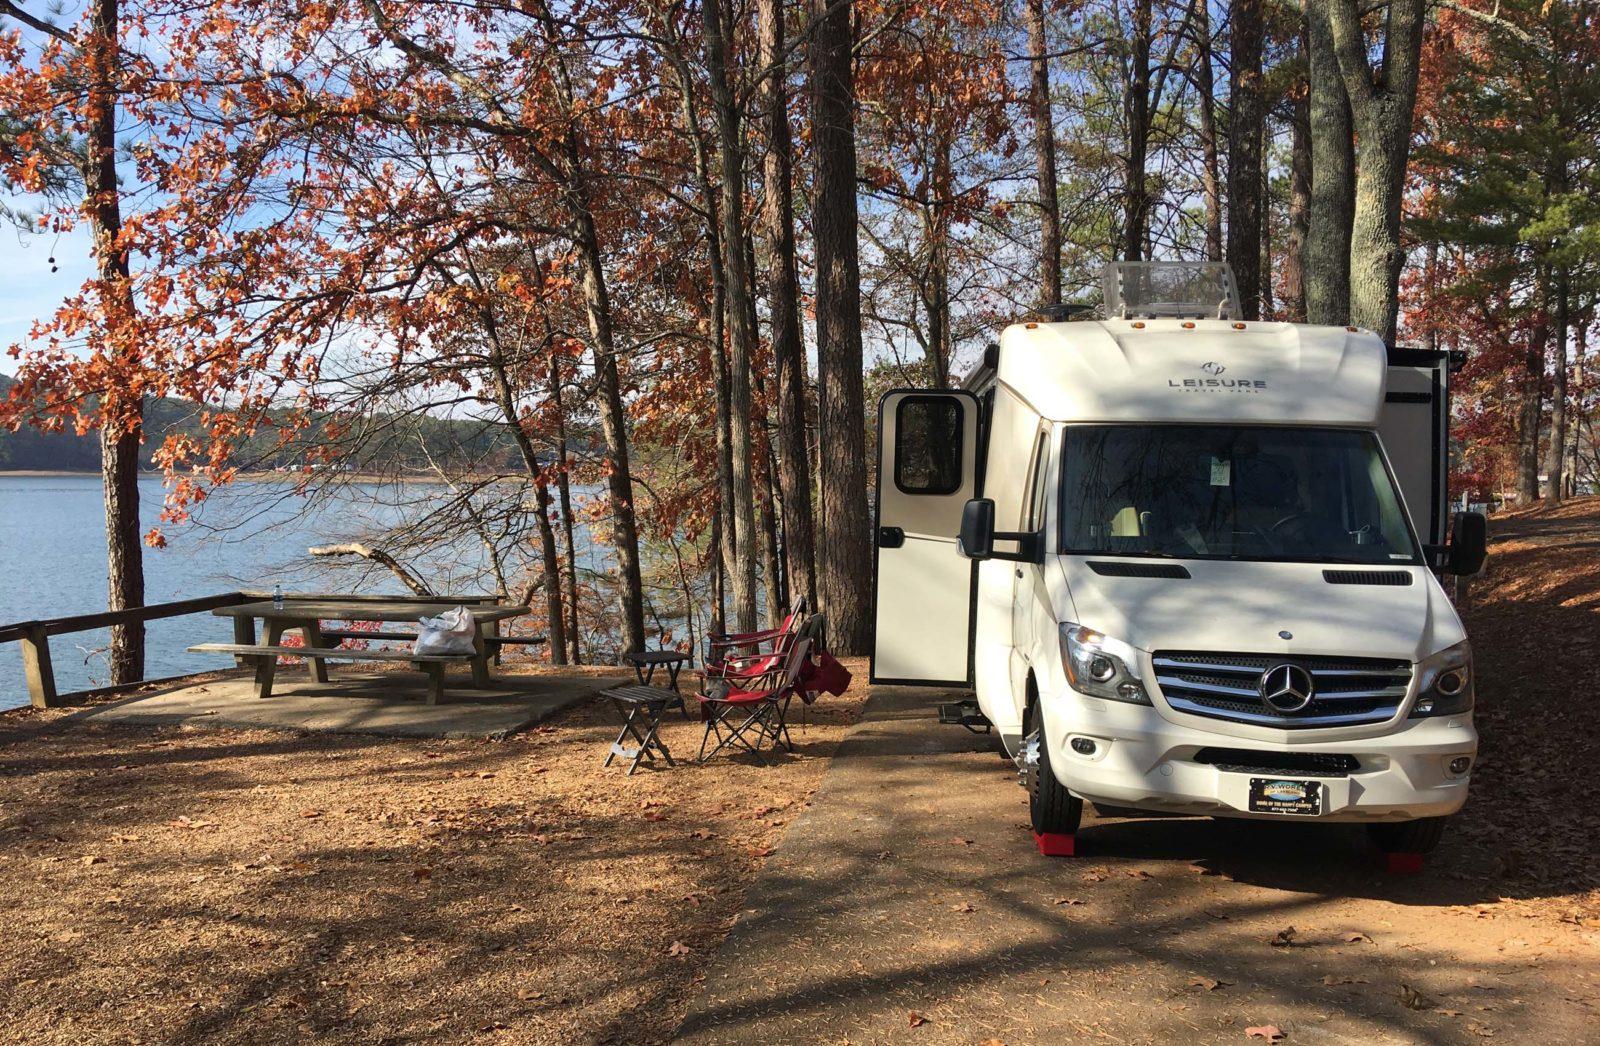 RV Campsite near lake